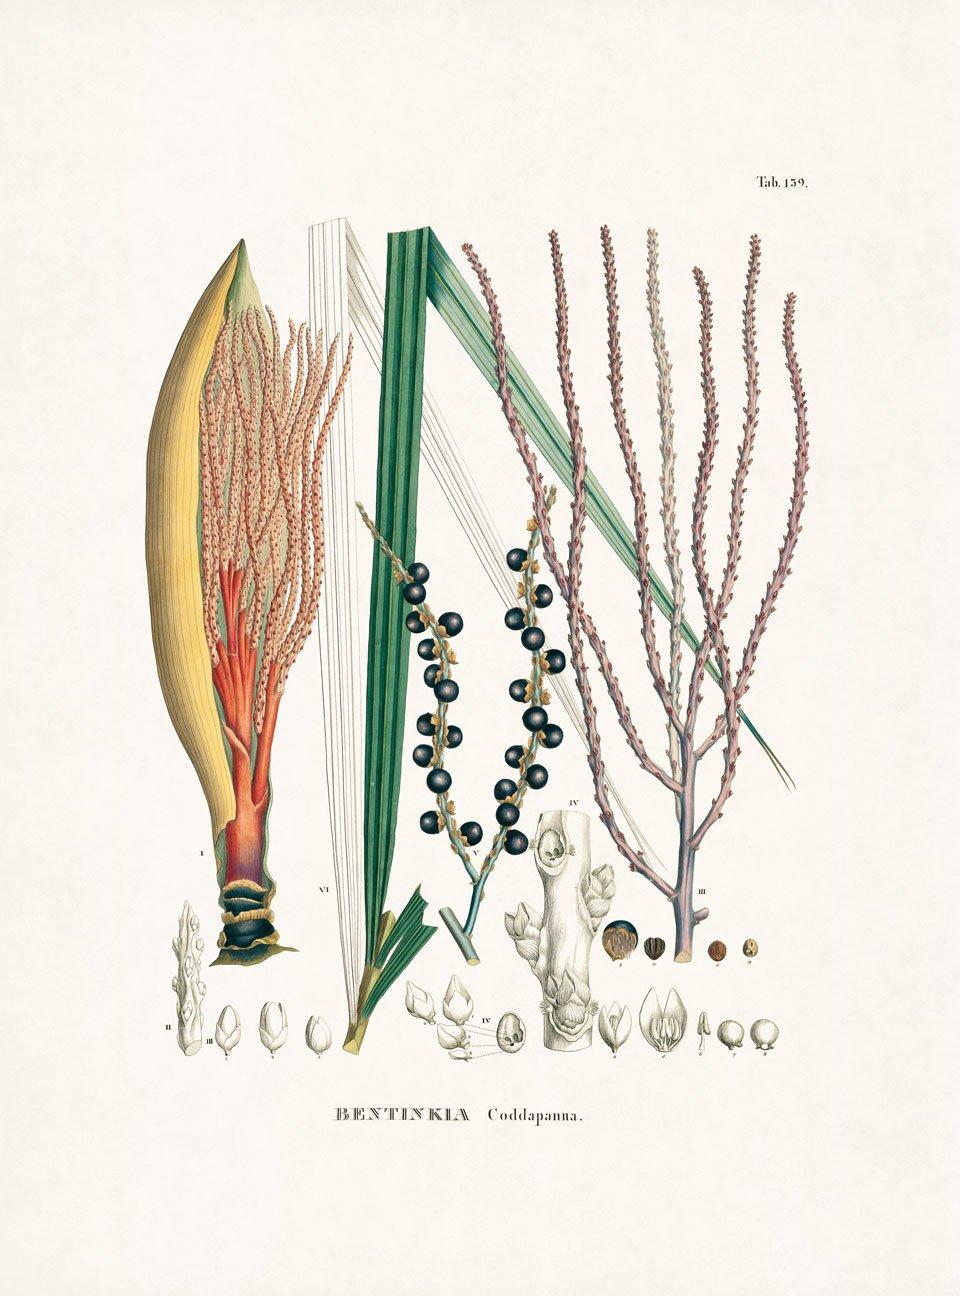 Bentinckia condapanna Berry ex Roxb. Der Nachdruck der Historia